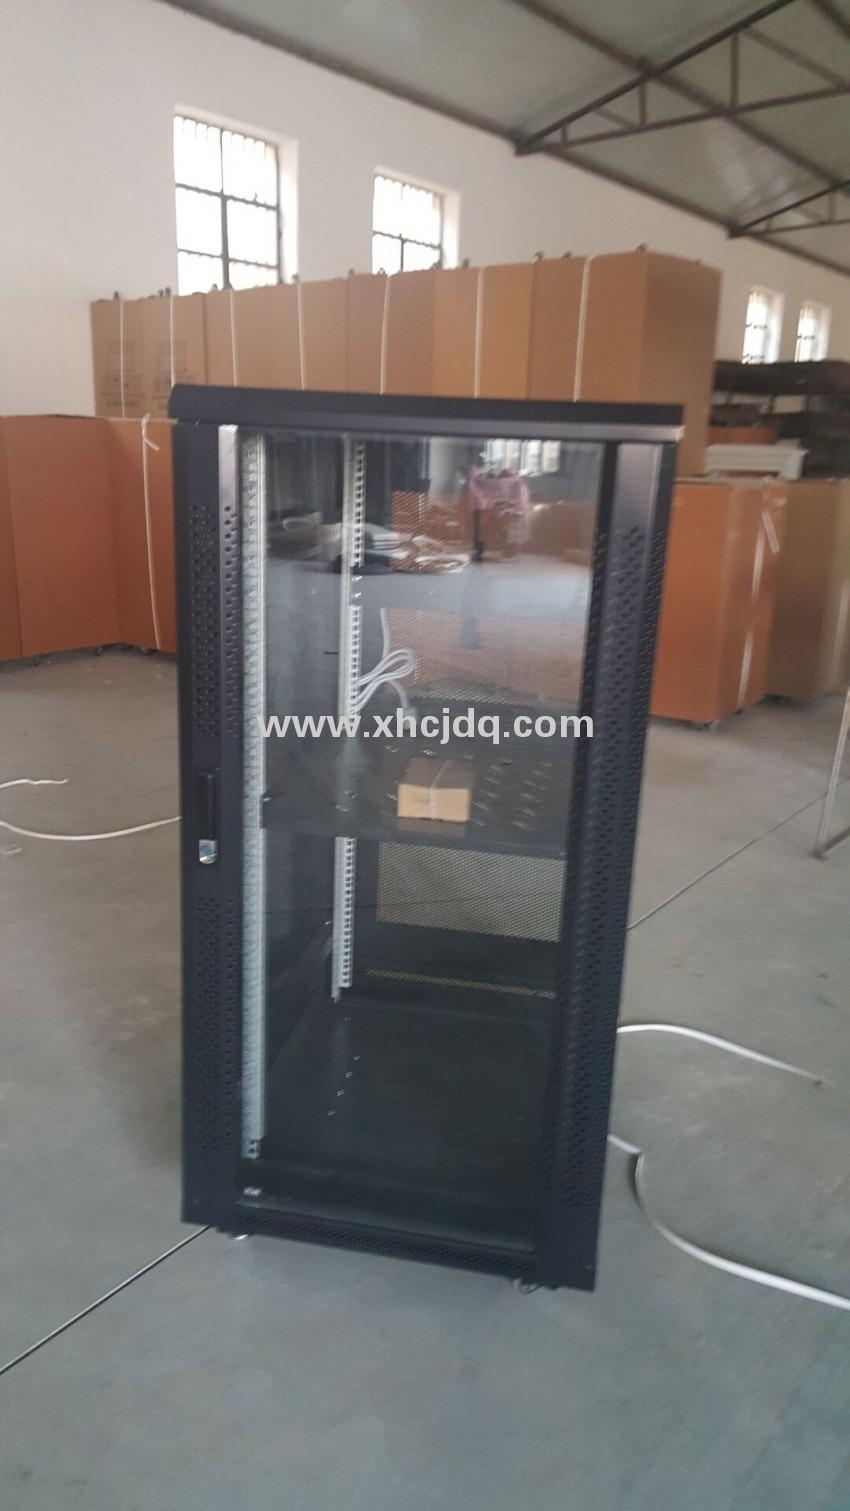 网络机柜 天津网络机柜生产厂家